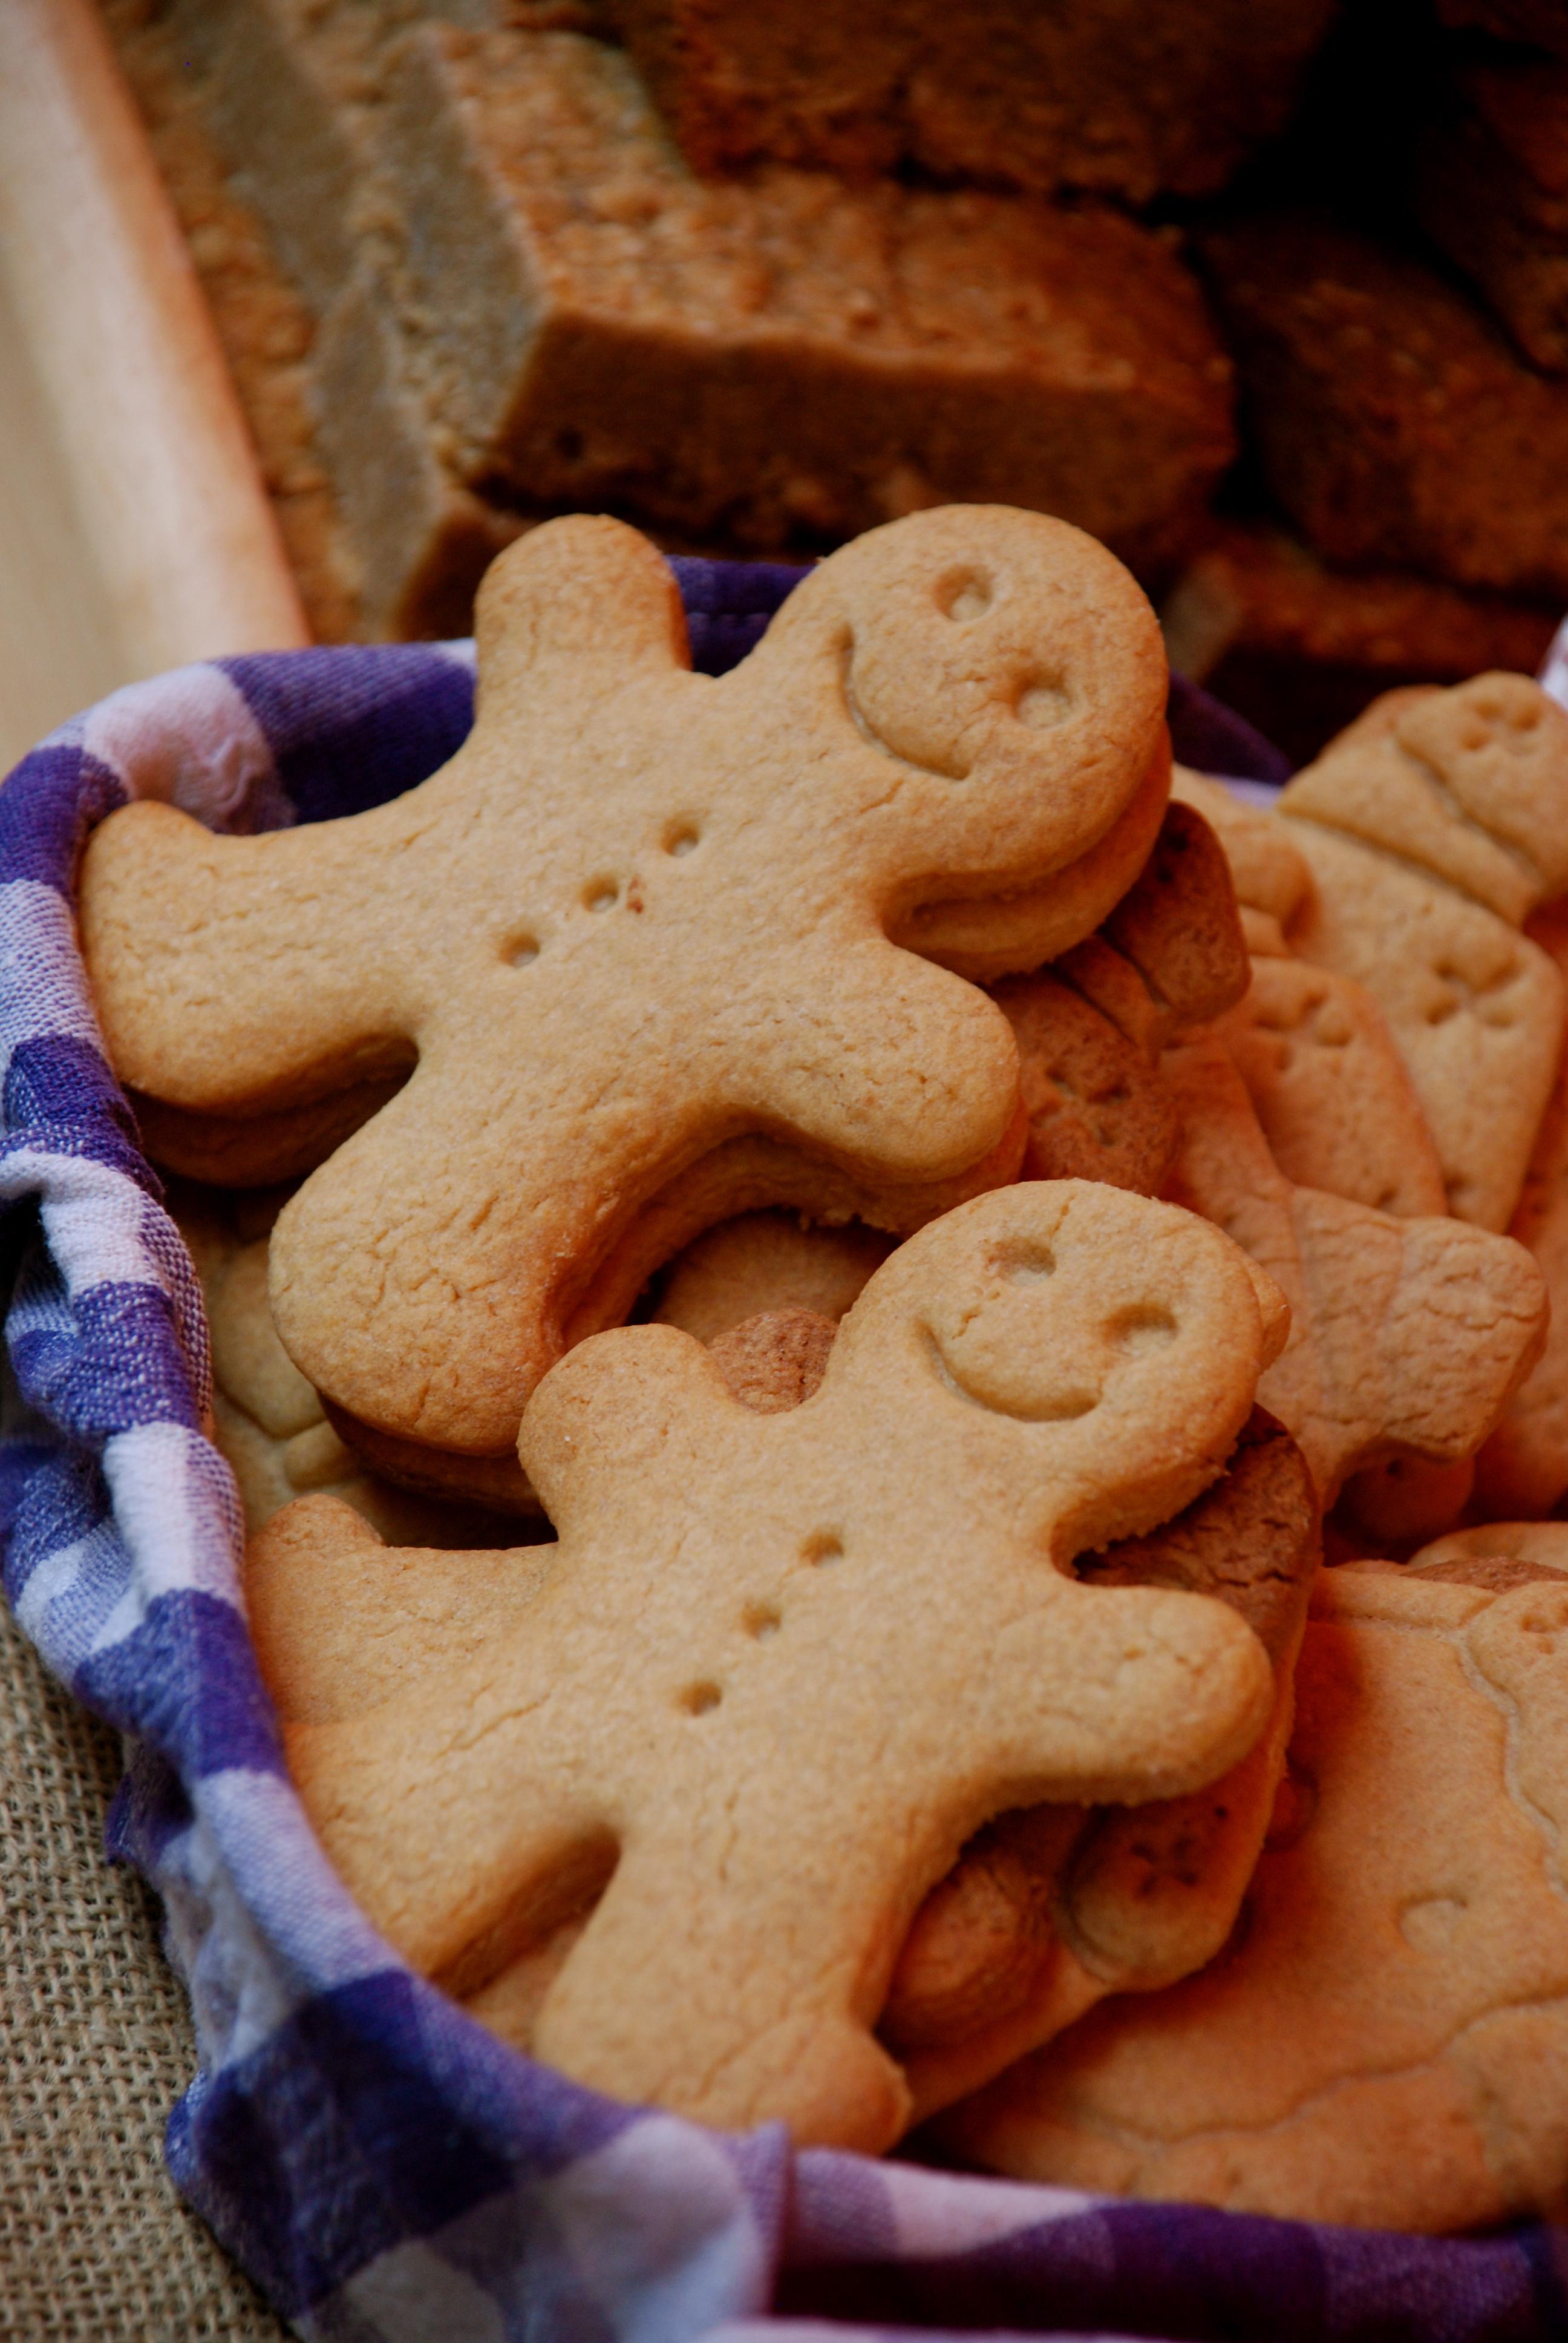 Gingerbread-Gaetan-Lee